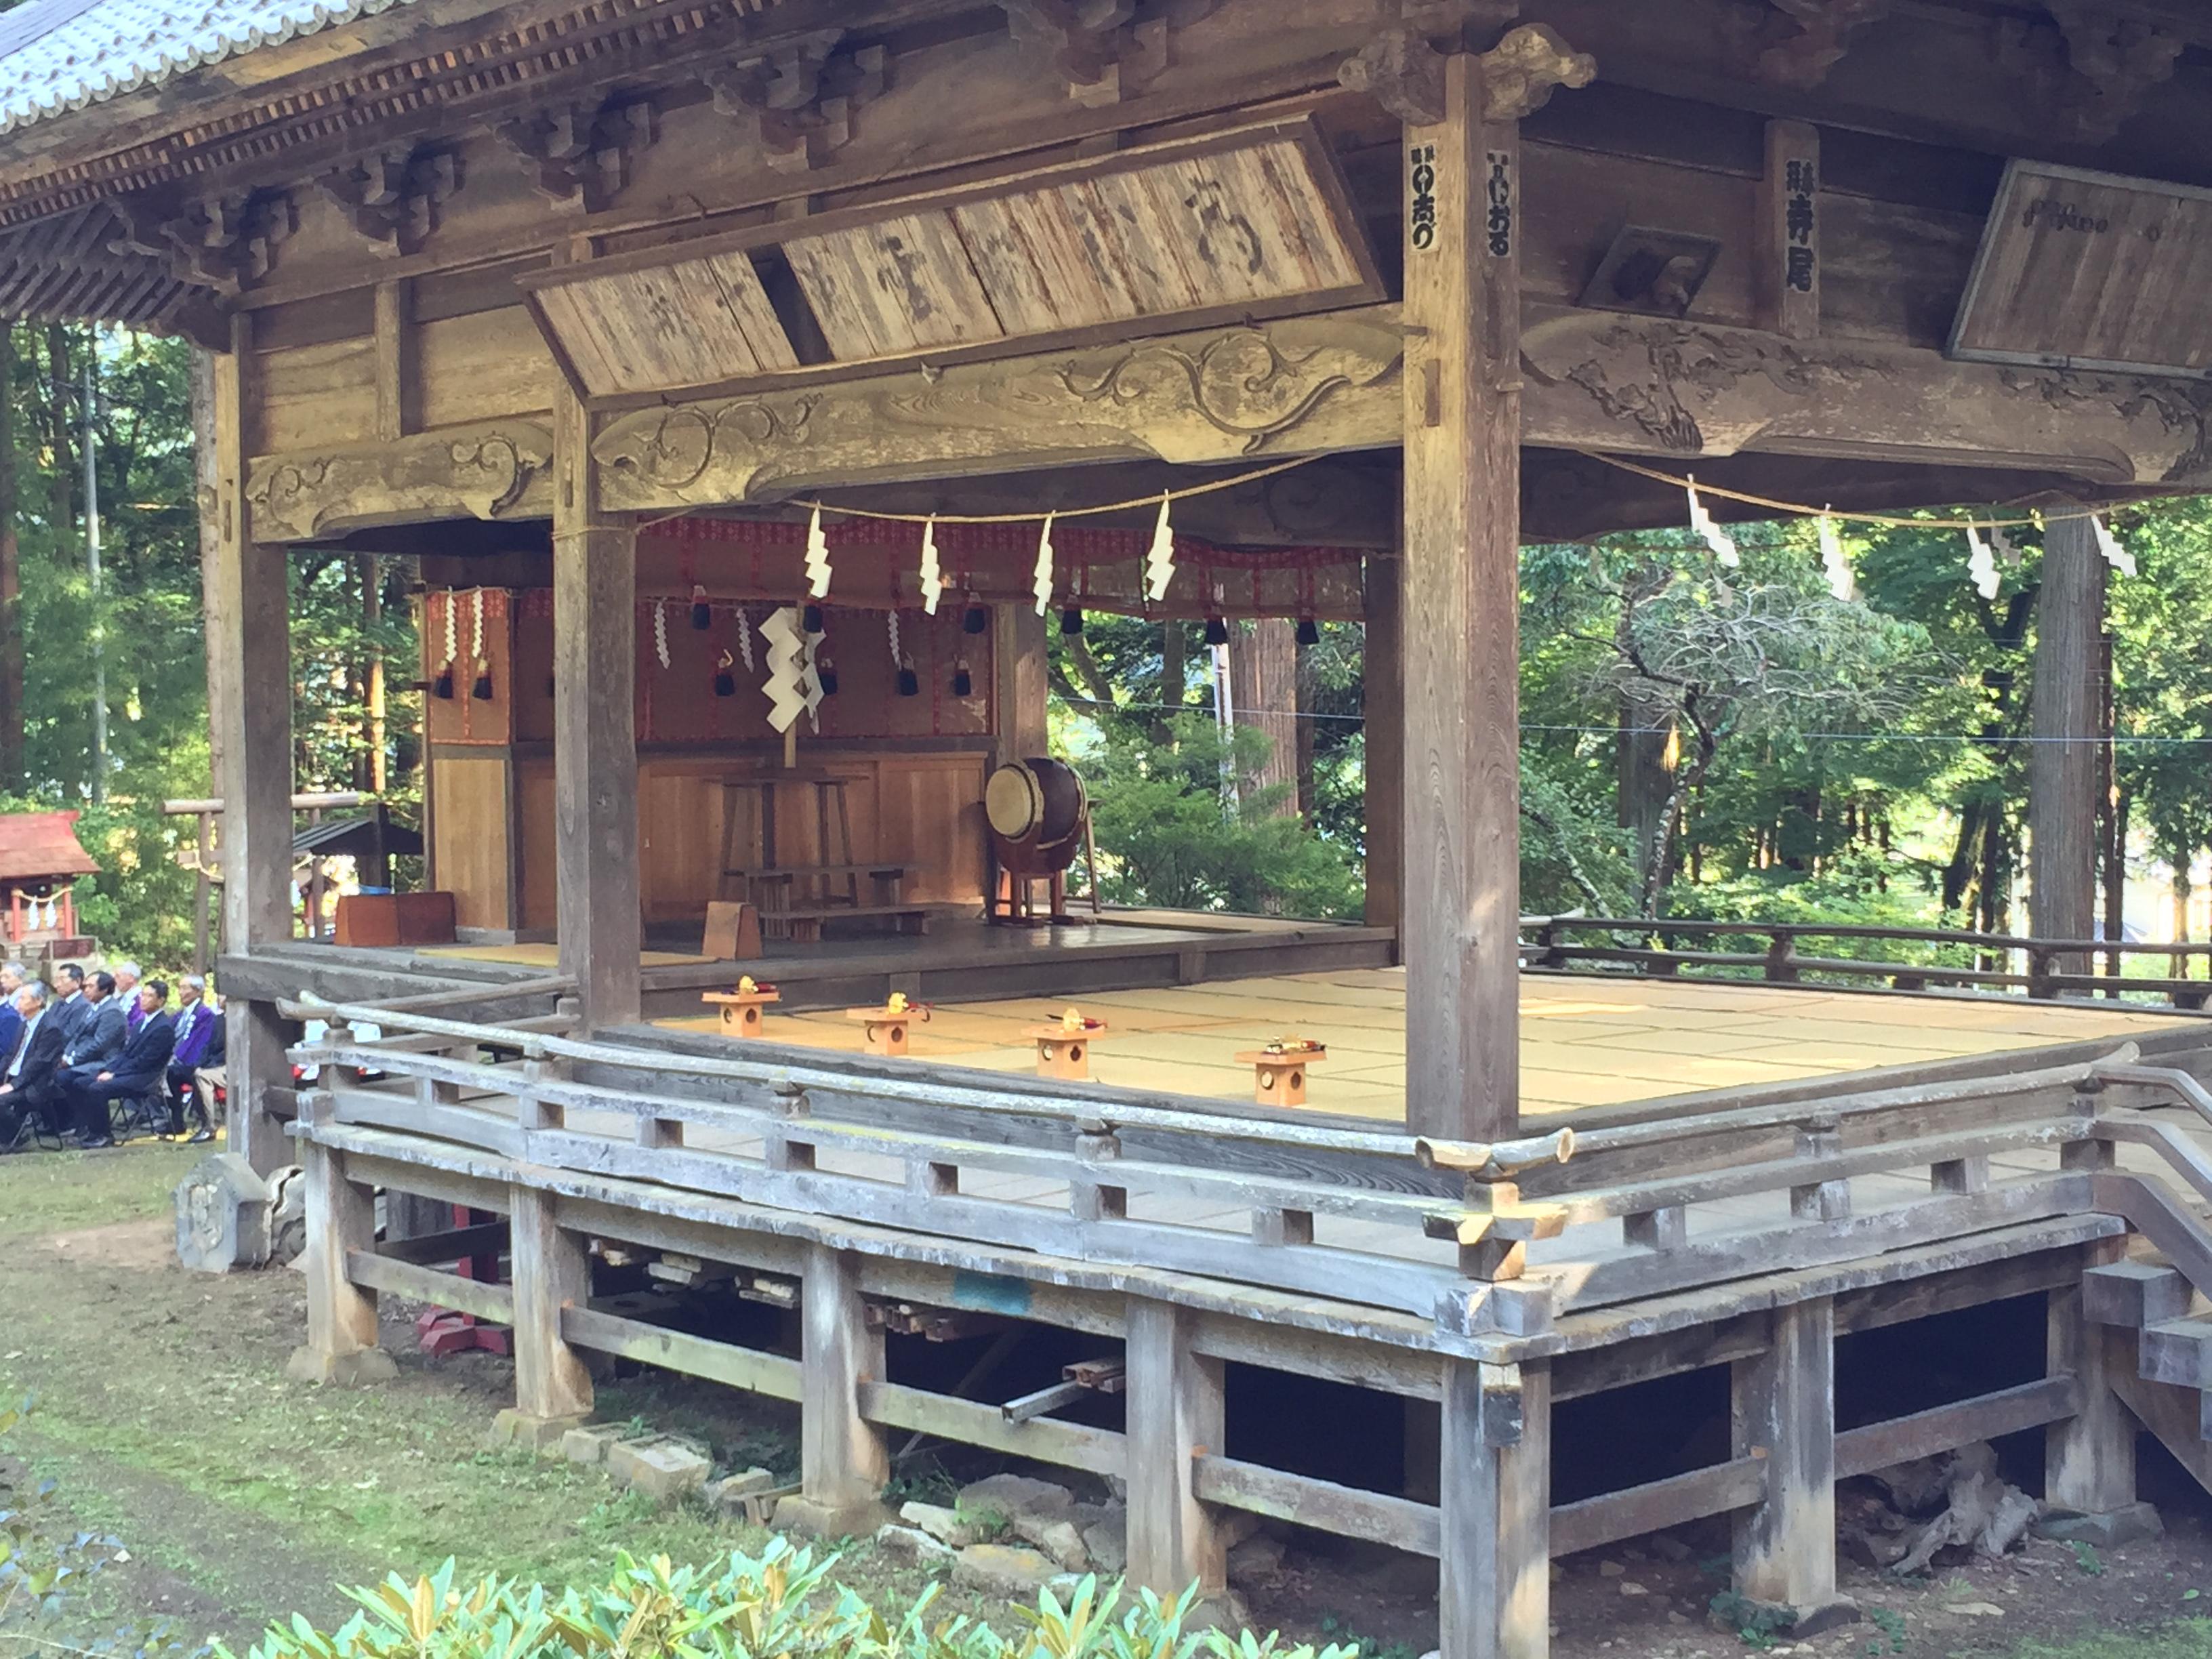 http://www.sakukankou.jp/sightseeing/IMG_1414.JPG